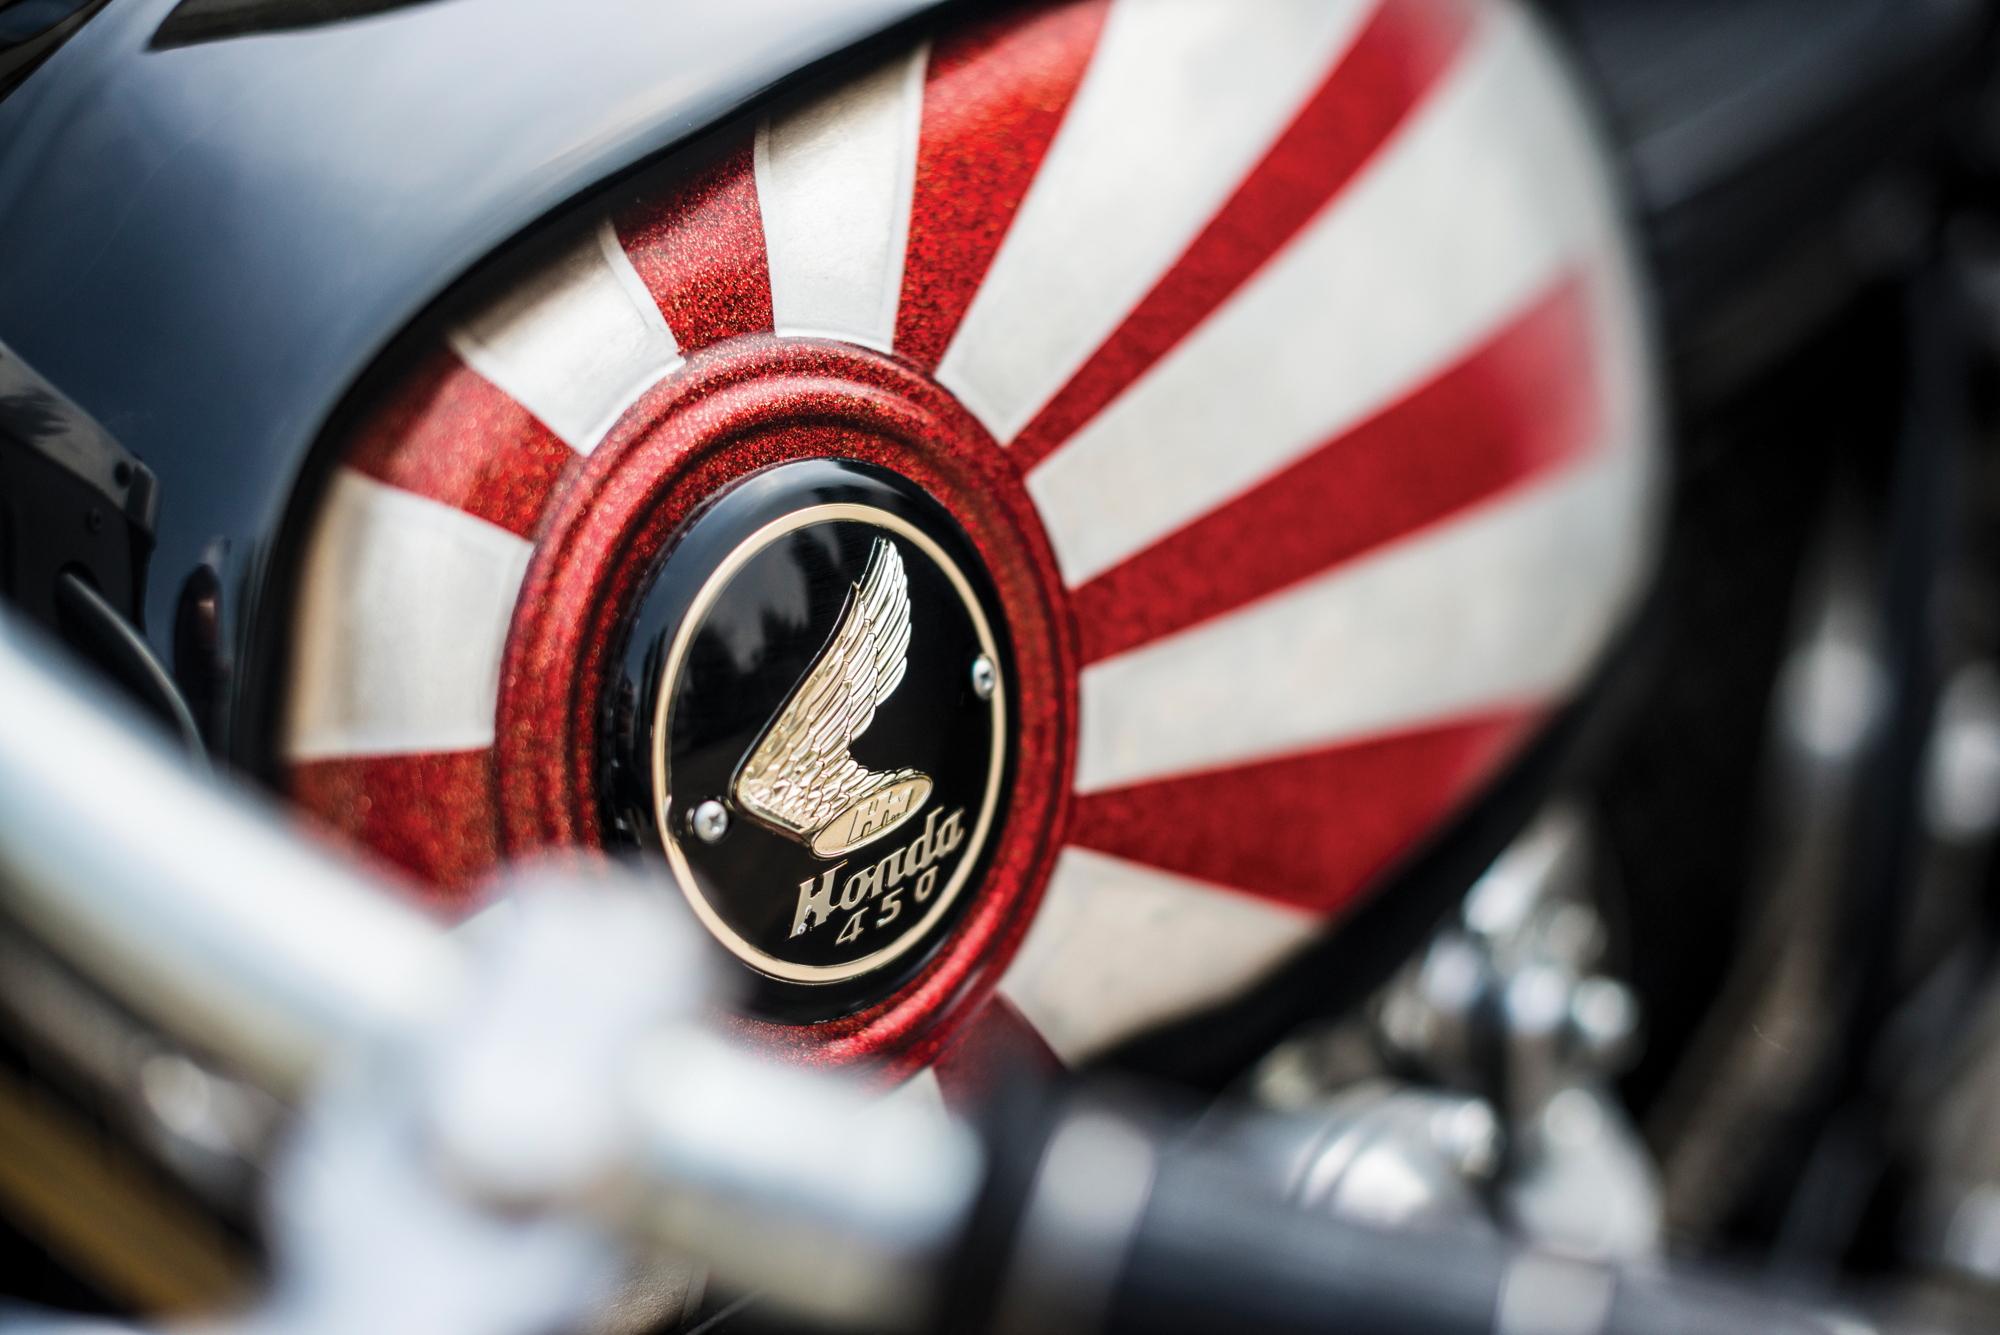 Honda CB450 Krugger tank 2017 Villa Erba